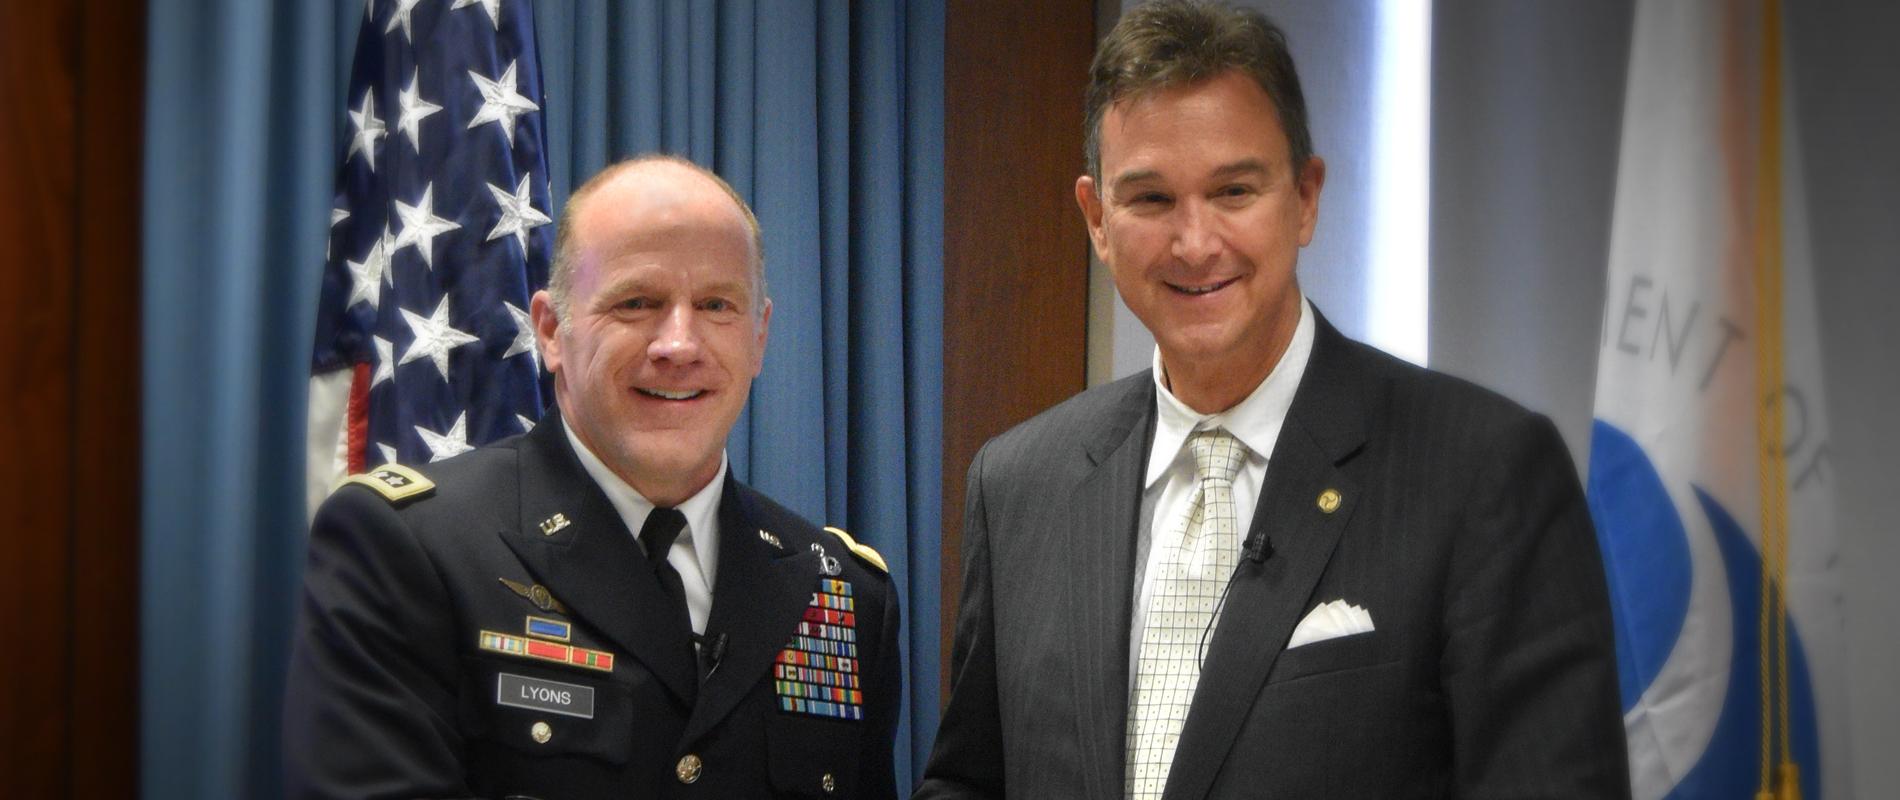 U.S. TRANSCOM Commander General Lyons and Joel Szabat